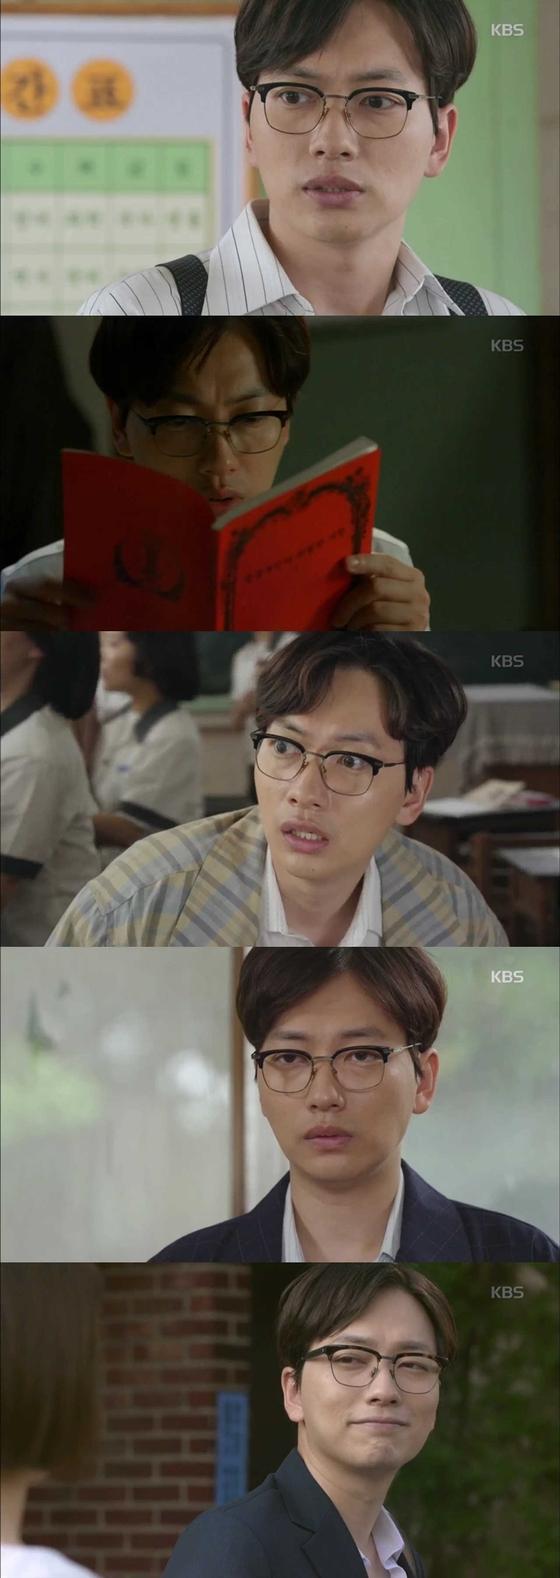 '빨간 선생님' 이동휘, 학생→선생 연기 변신 通했다